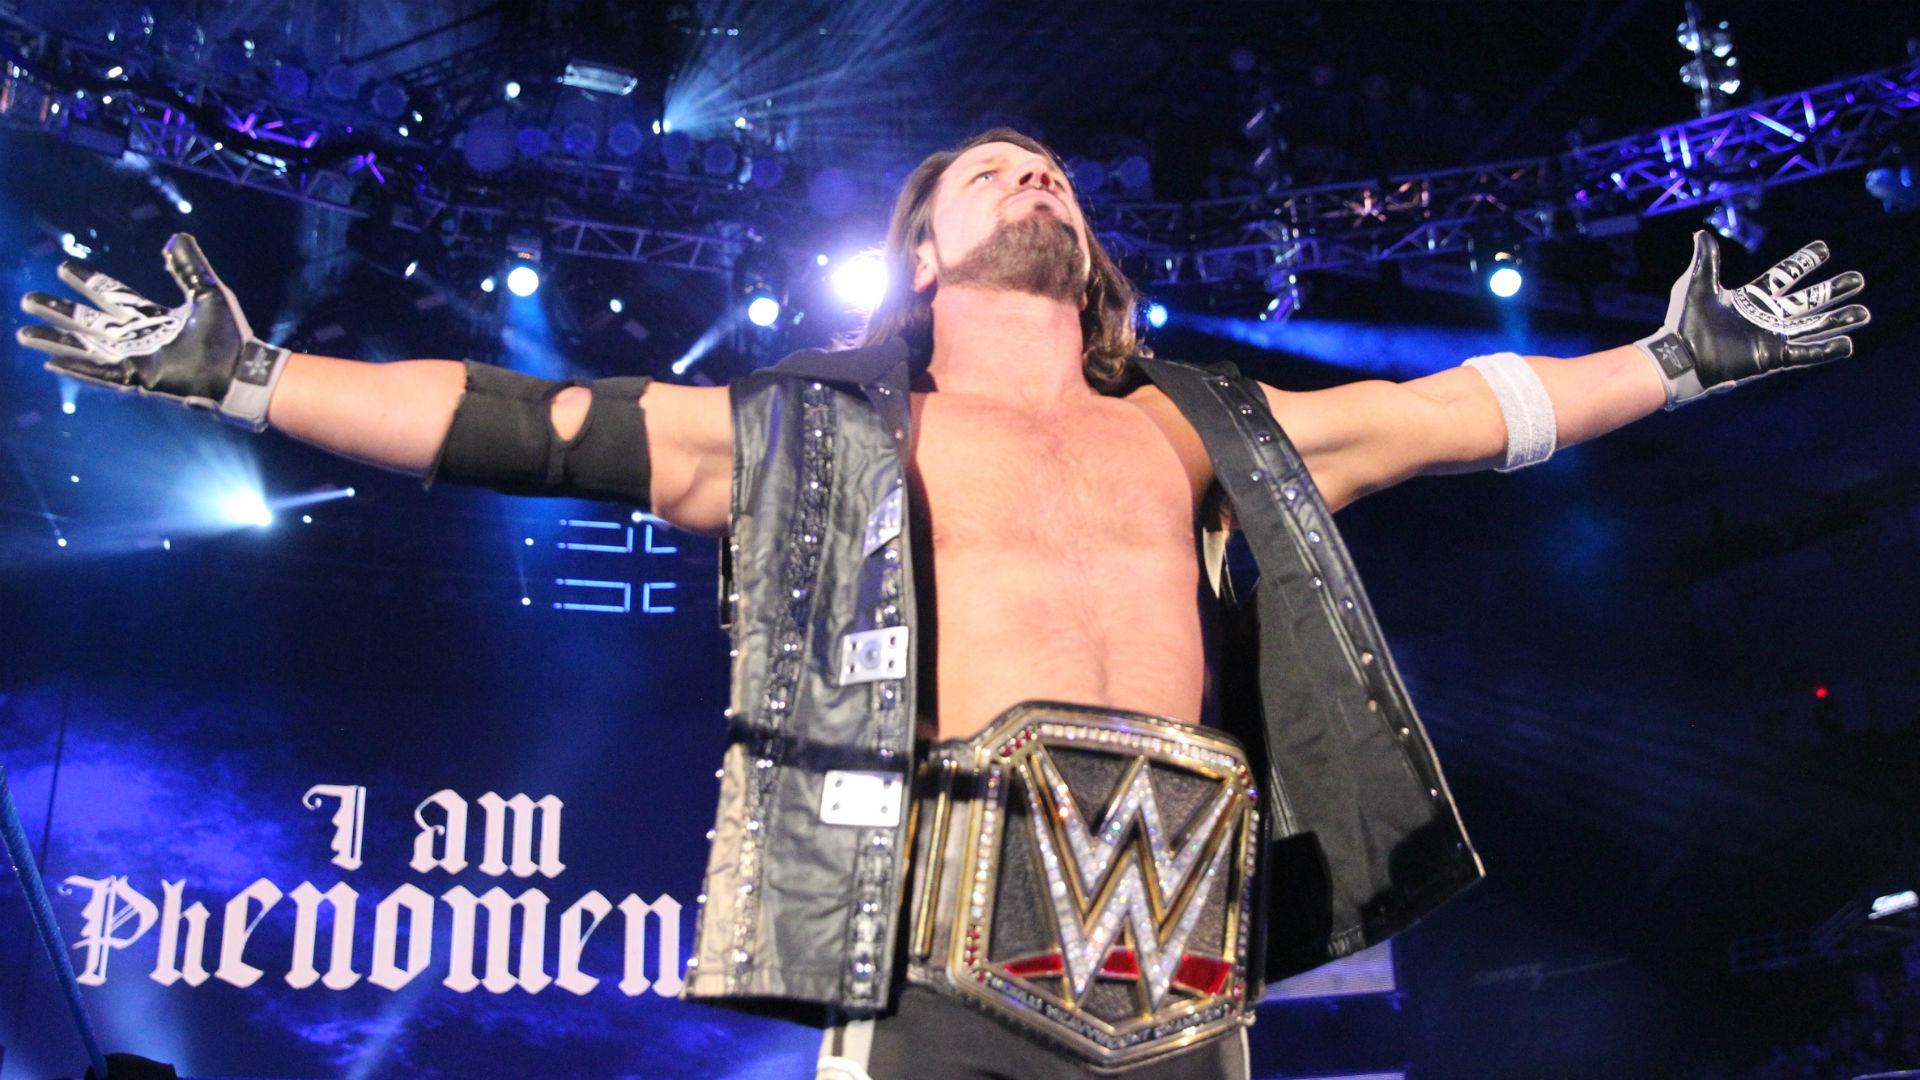 Vem är AJ dating i WWE